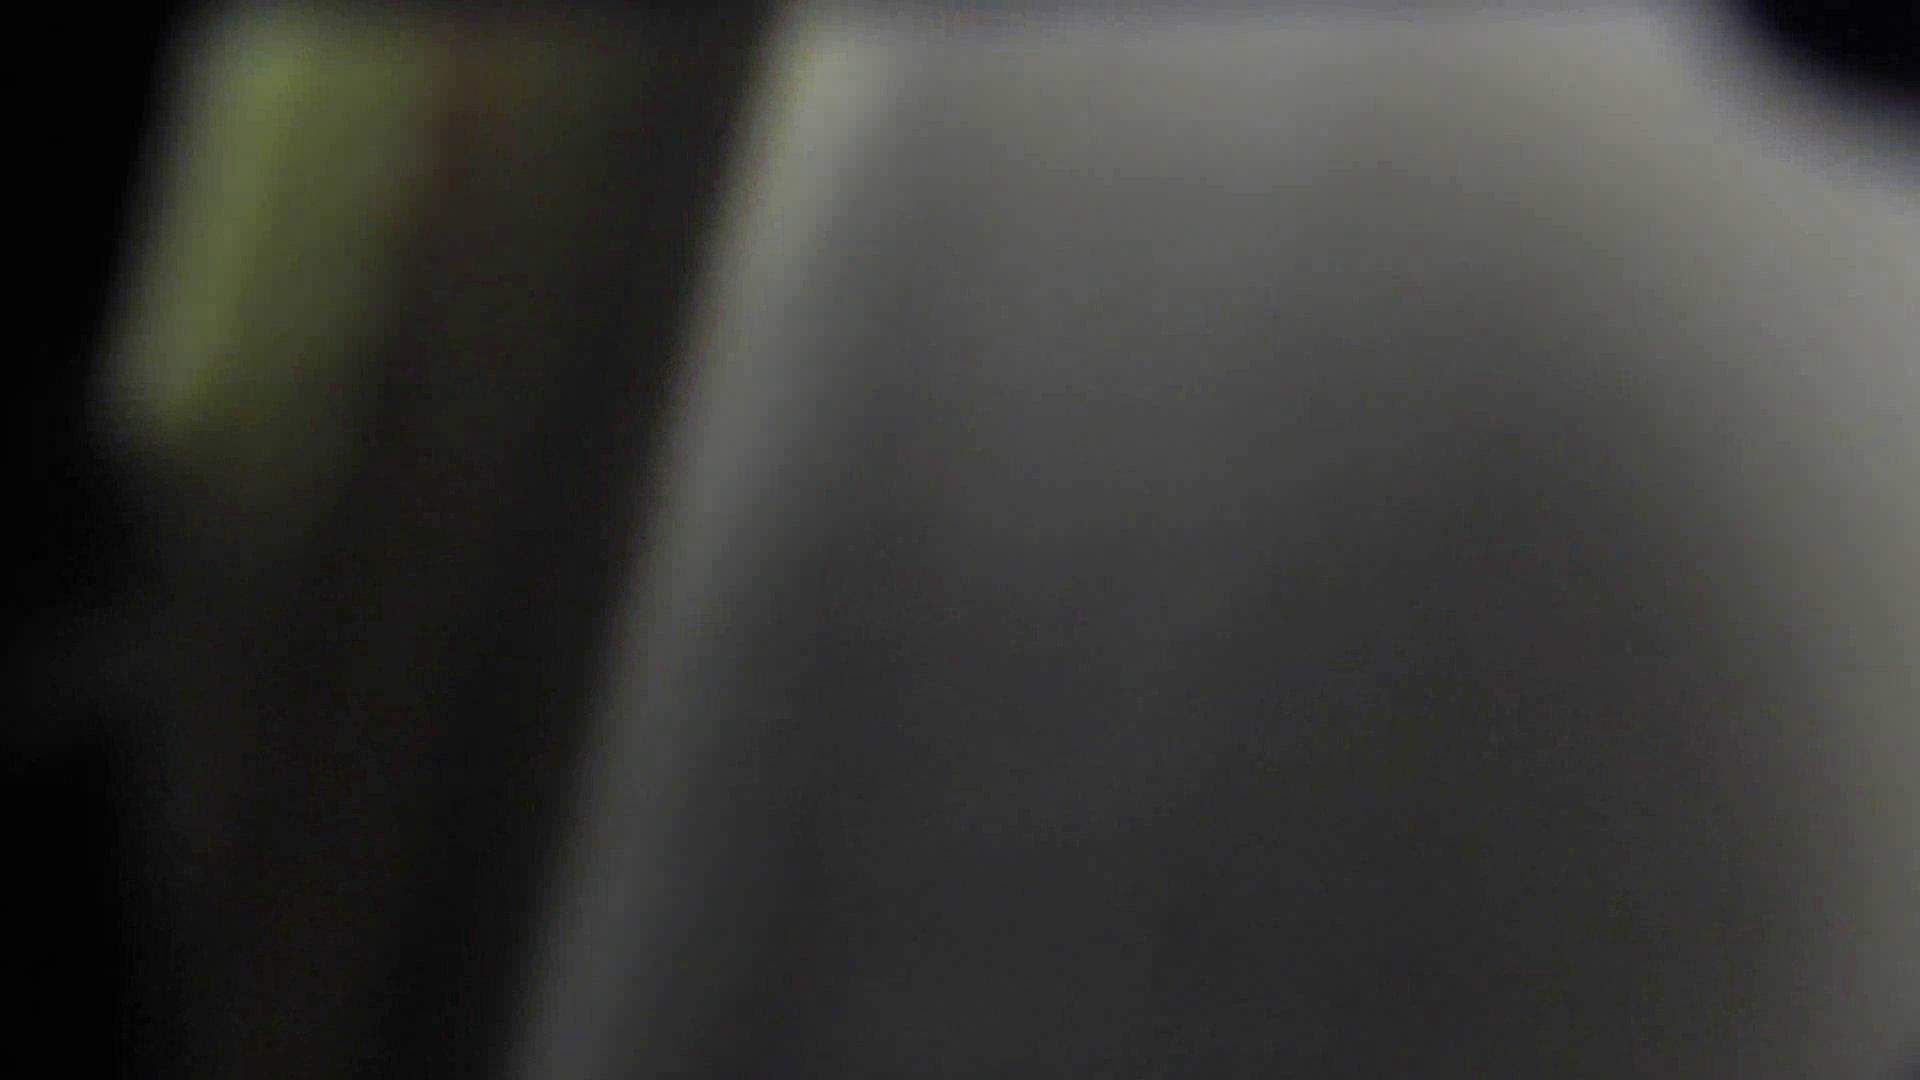 洗面所特攻隊 vol.016 ナナメな方 洗面所 | OLの実態  36pic 29